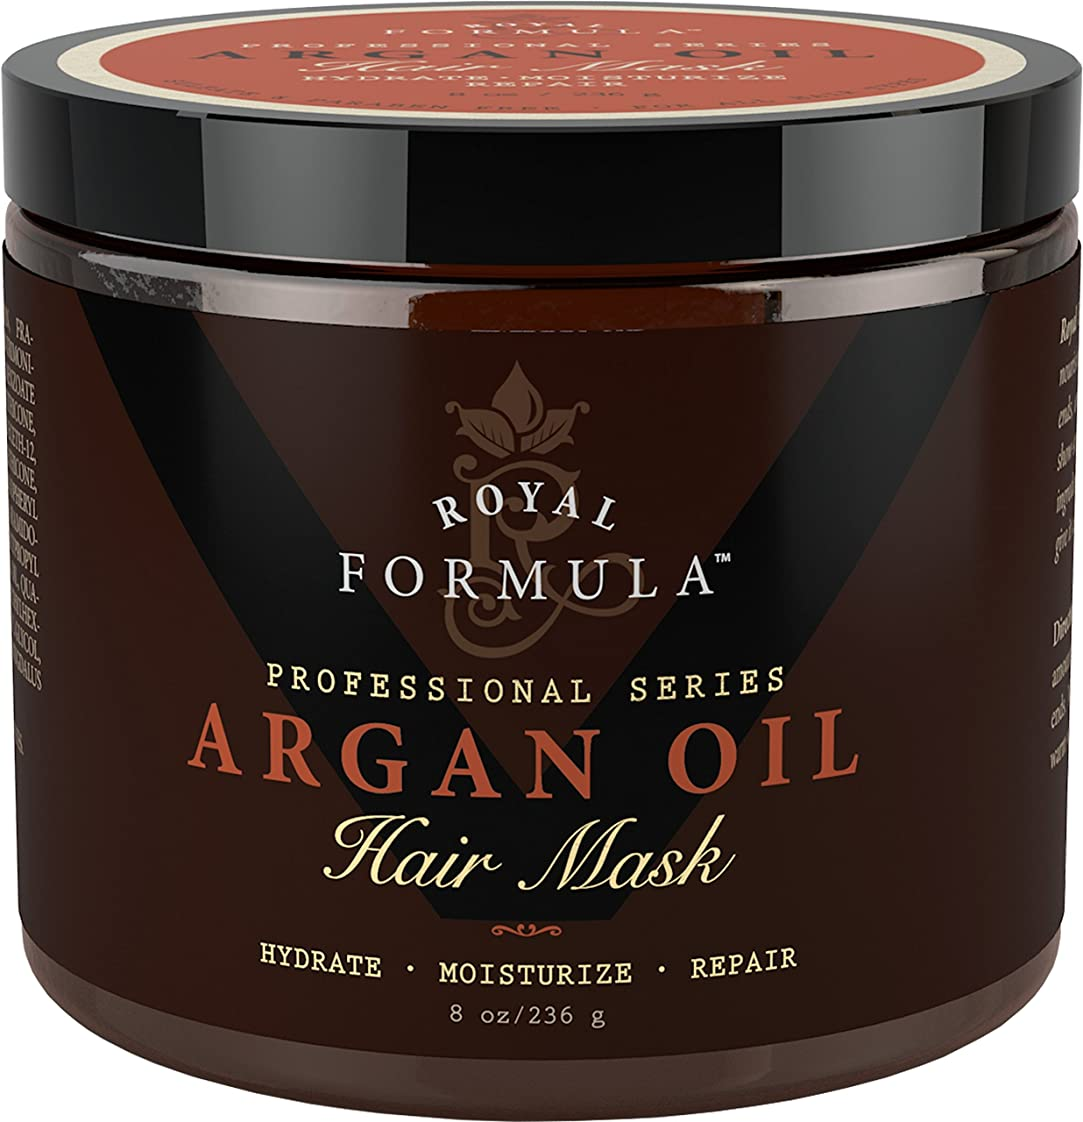 プランテーションどちらもデジタルArgan Oil Hair Mask, 100% ORGANIC Argan & Almond Oils - Deep Conditioner, Hydrating Hair Treatment Therapy, Repair Dry Damaged, Color Treated & Bleached Hair - Hydrates & Stimulates Hair Growth, 8 Oz